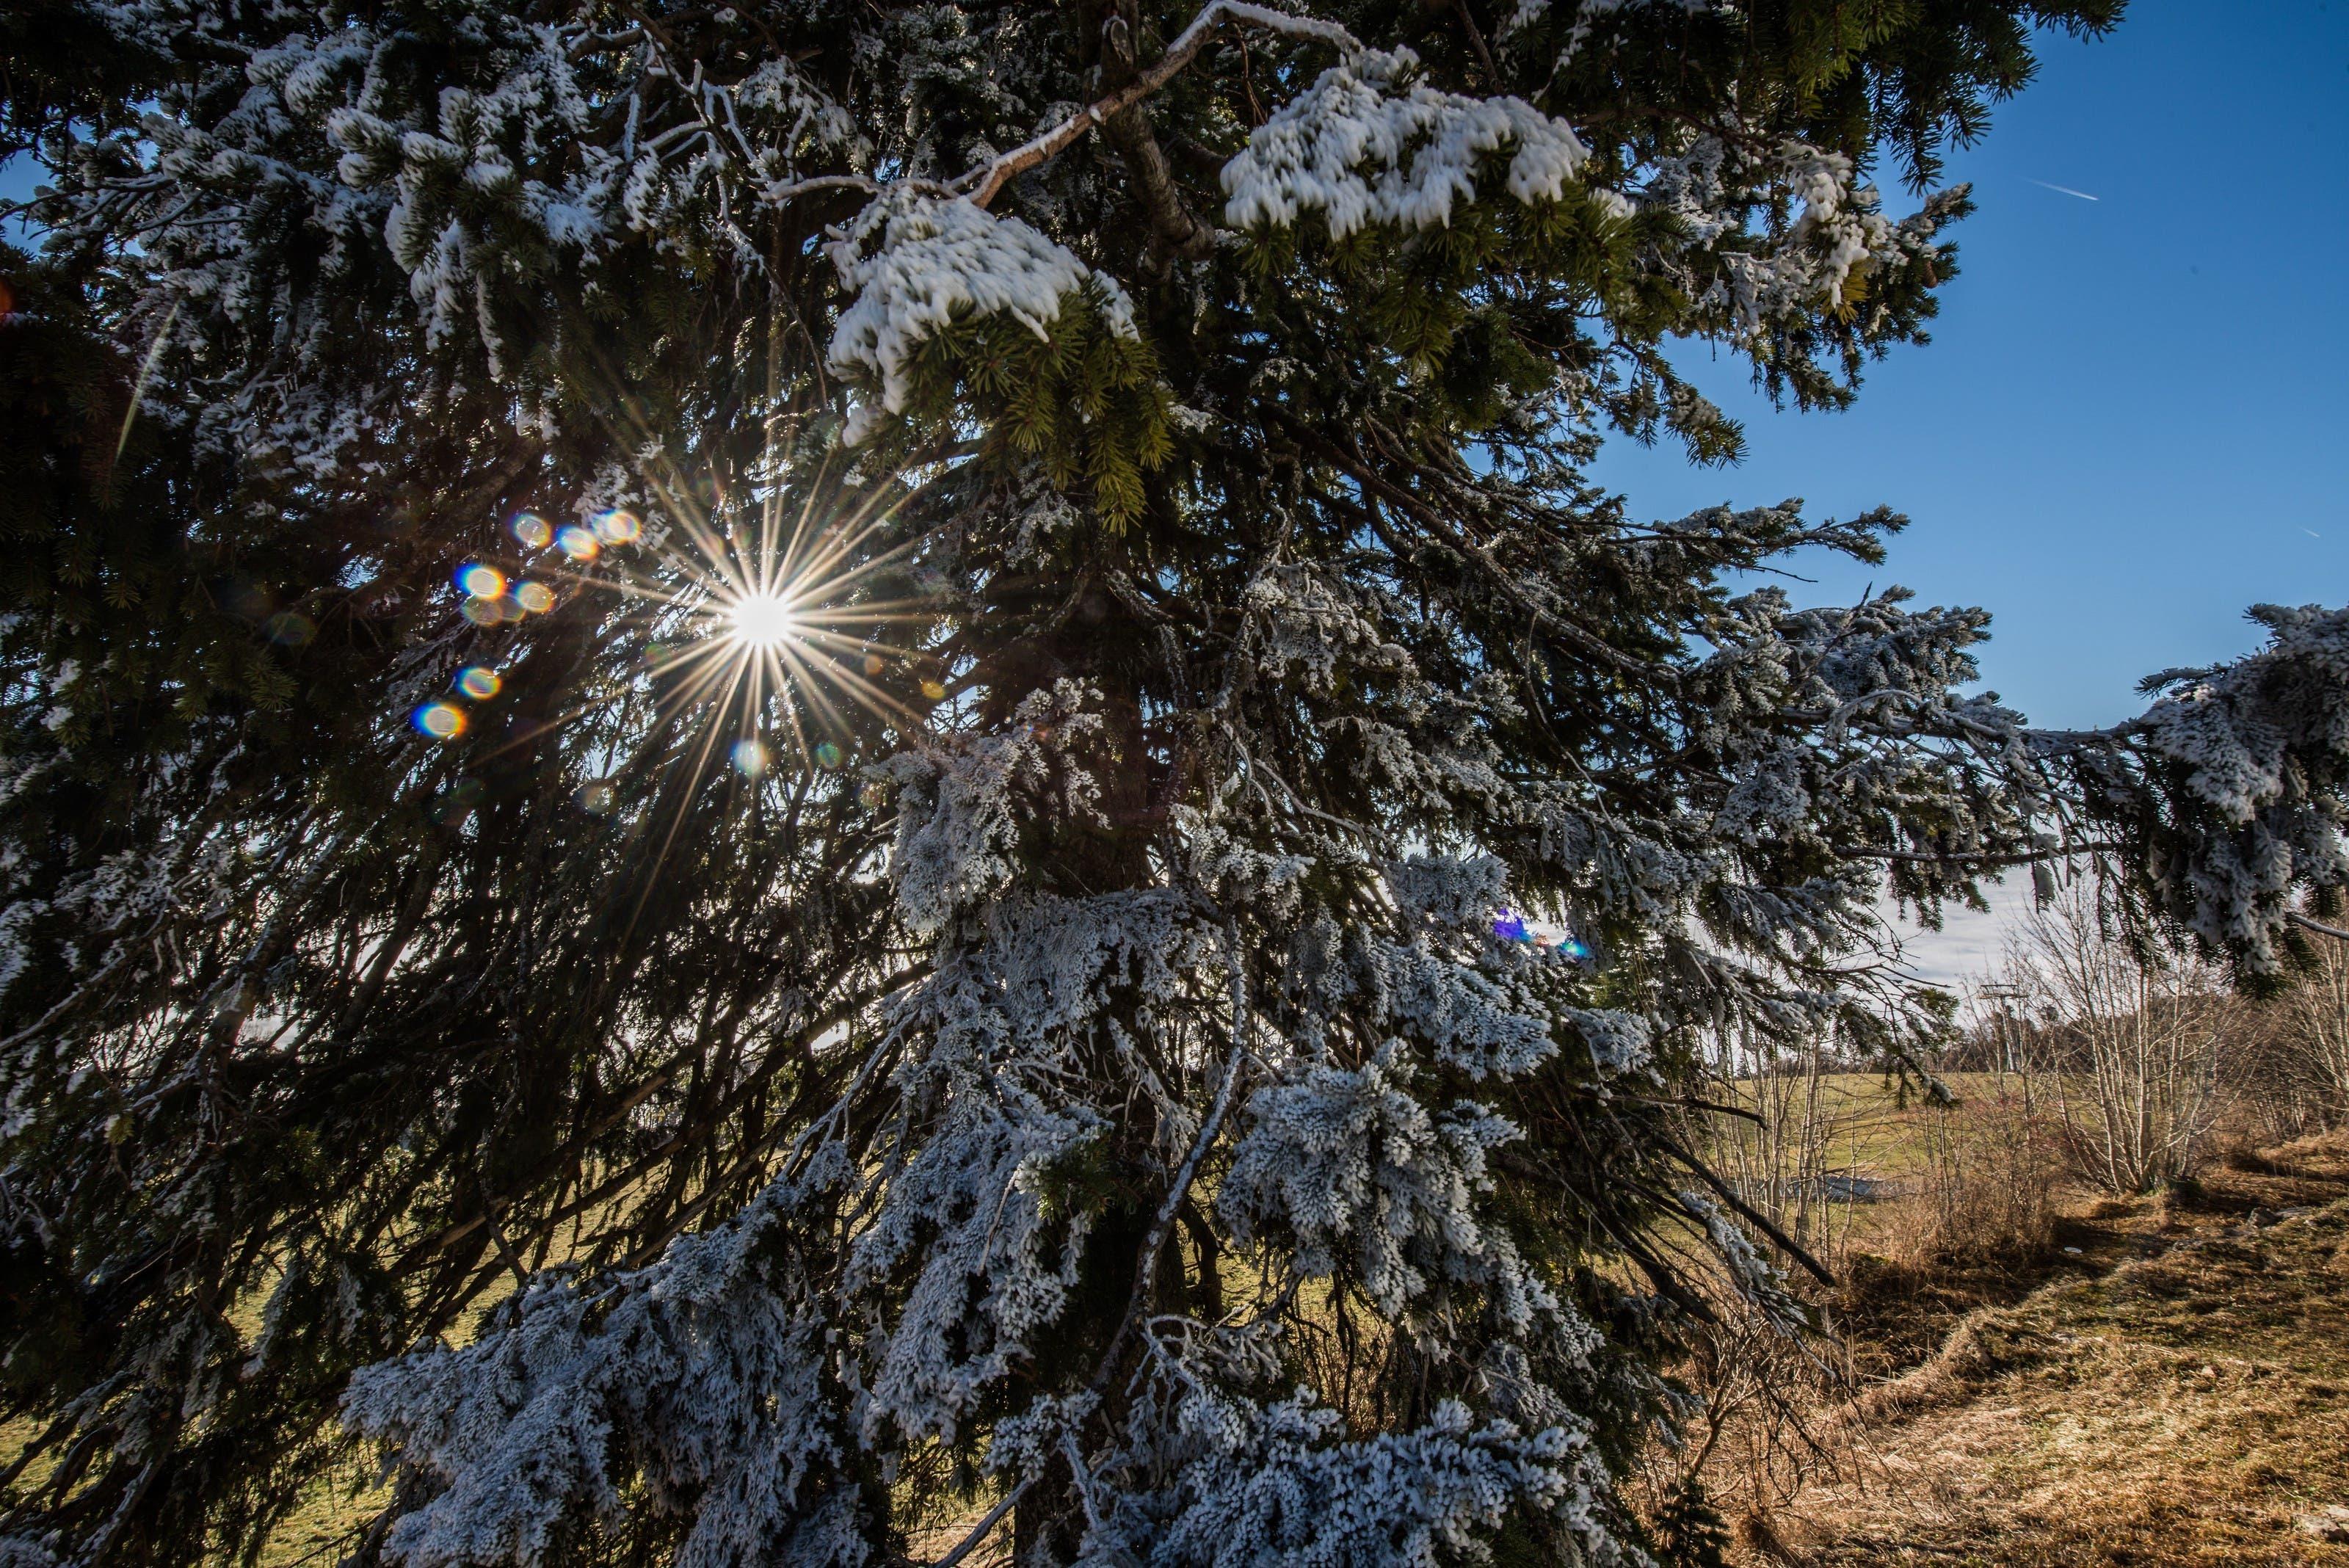 Die Sonne scheint durch die Bäume hindurch